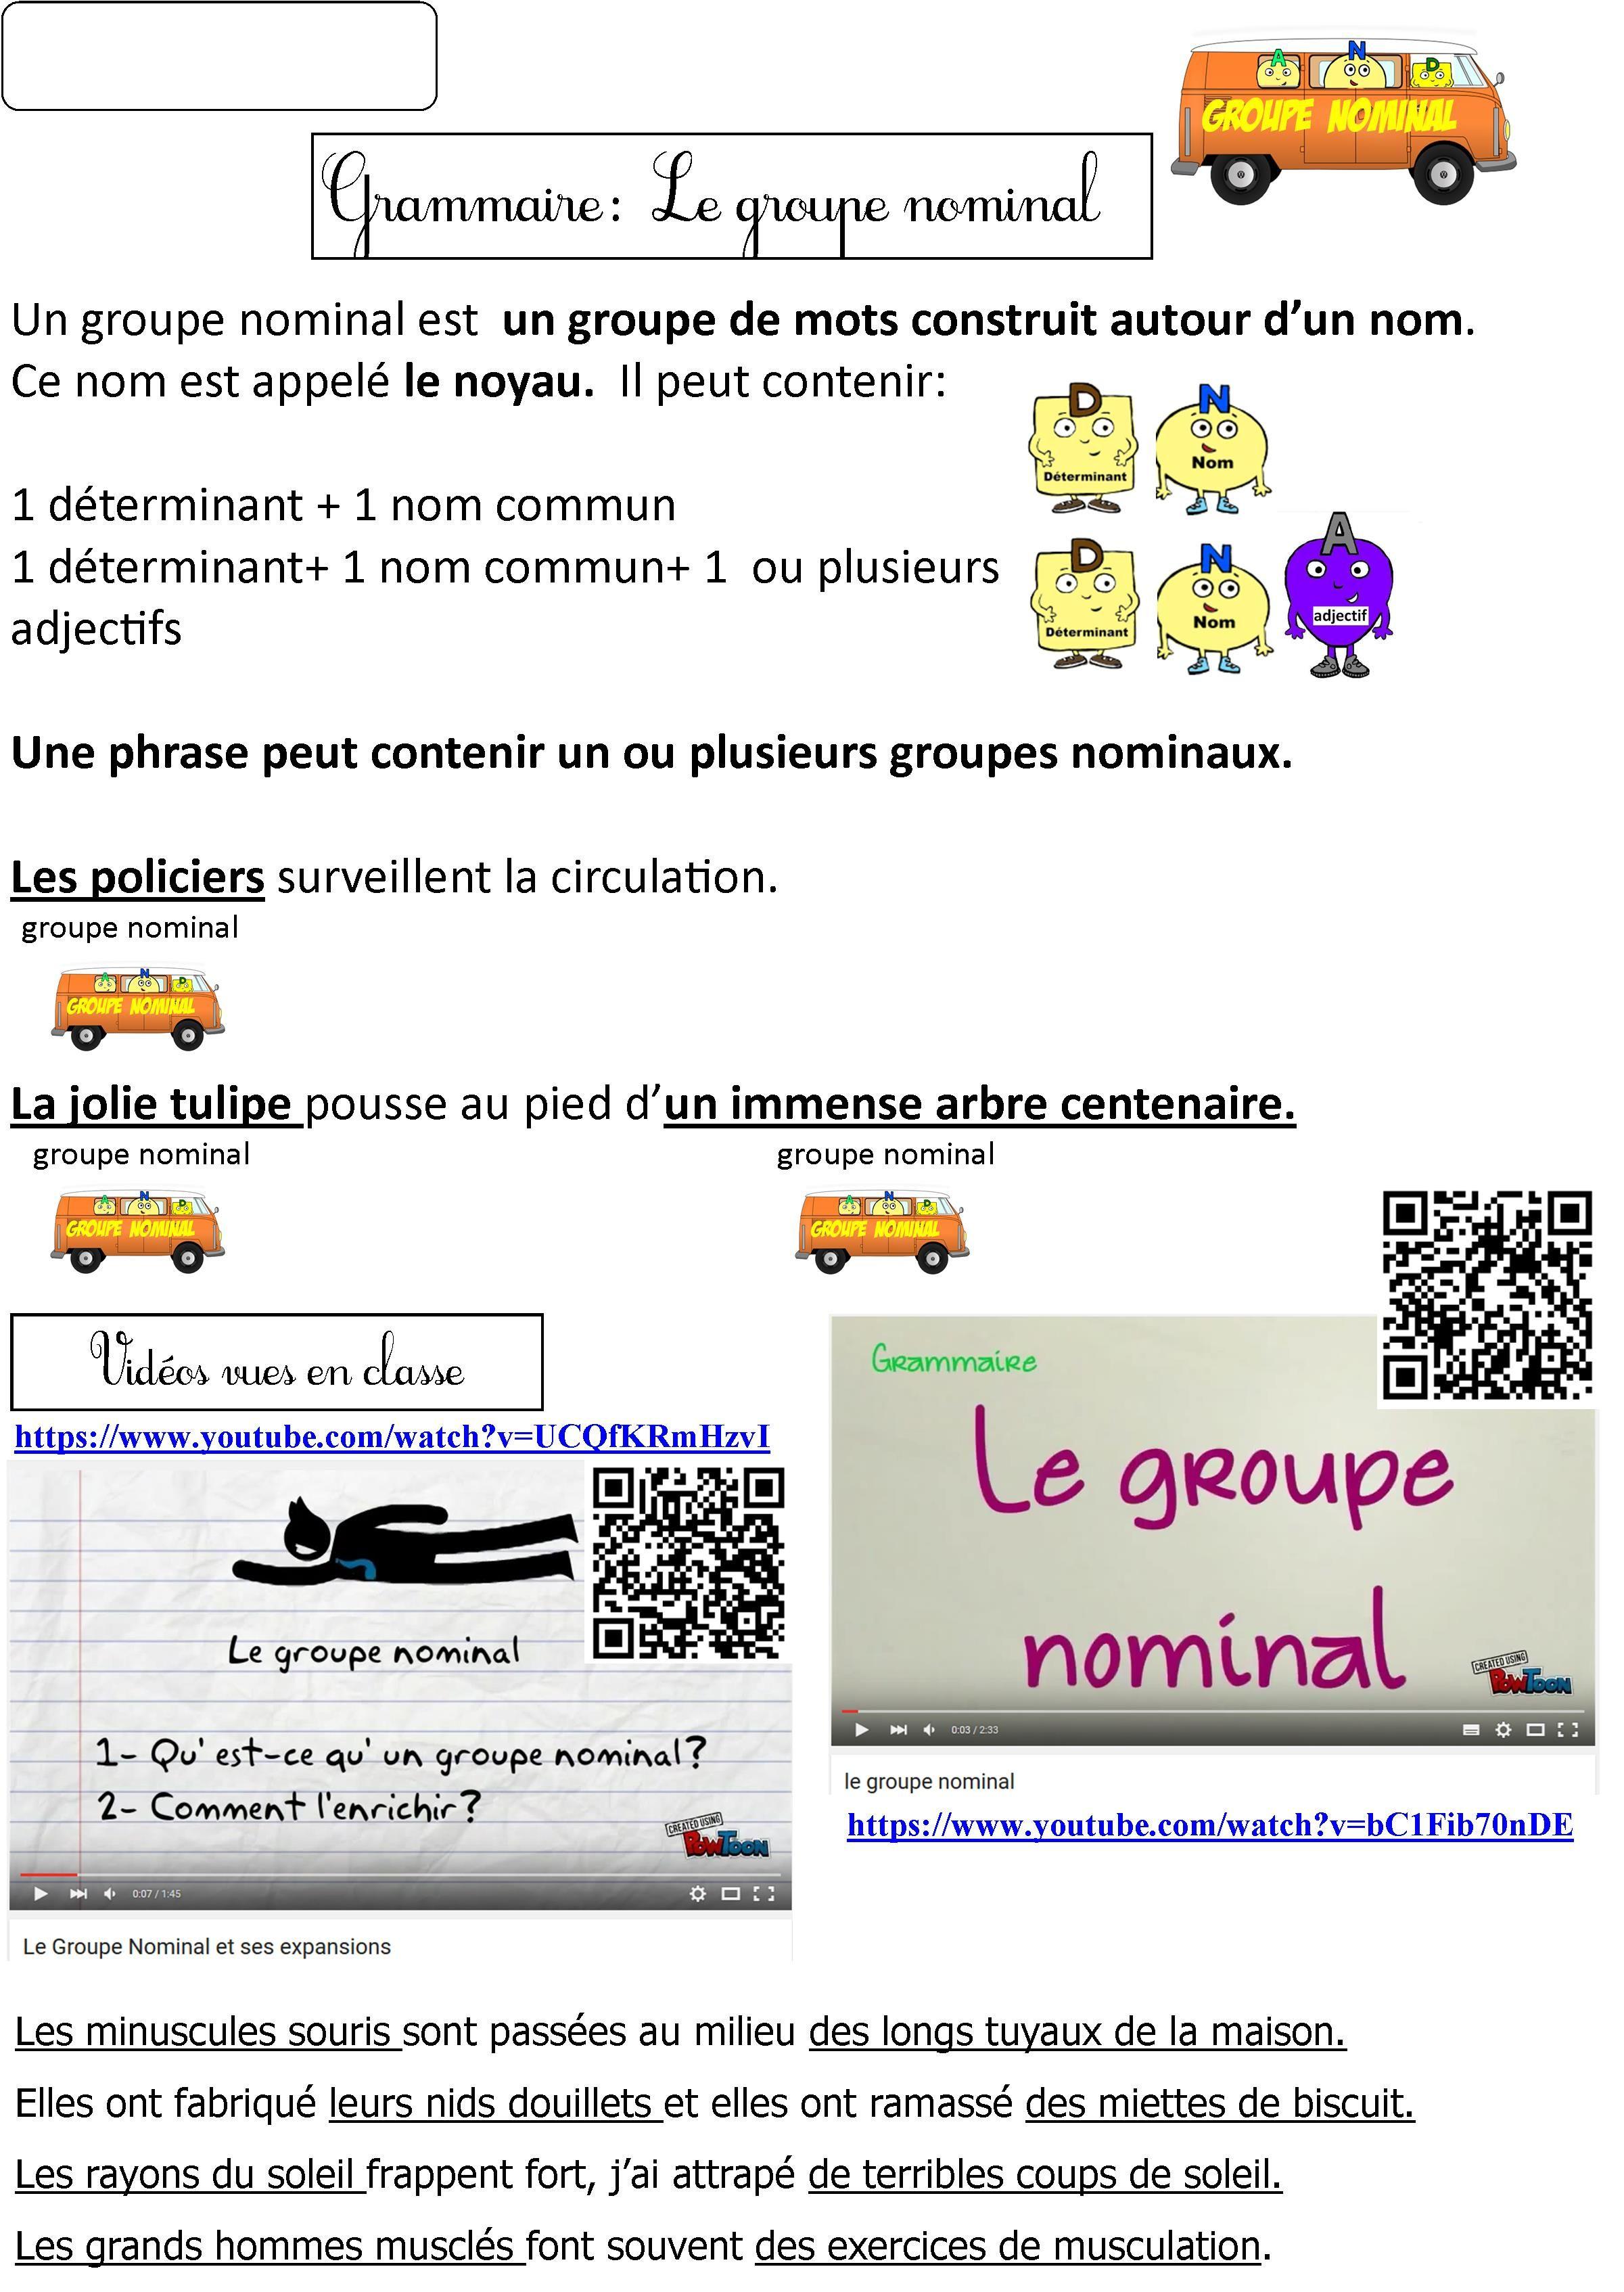 Le Groupe Nominal Et Ses Expansions Ce2 Cm1 Cm2 Lecon Augmentee 2 Videos Le Blog De Monsieur Mathieu Groupe Nominal Ce2 Cm1 Cm1